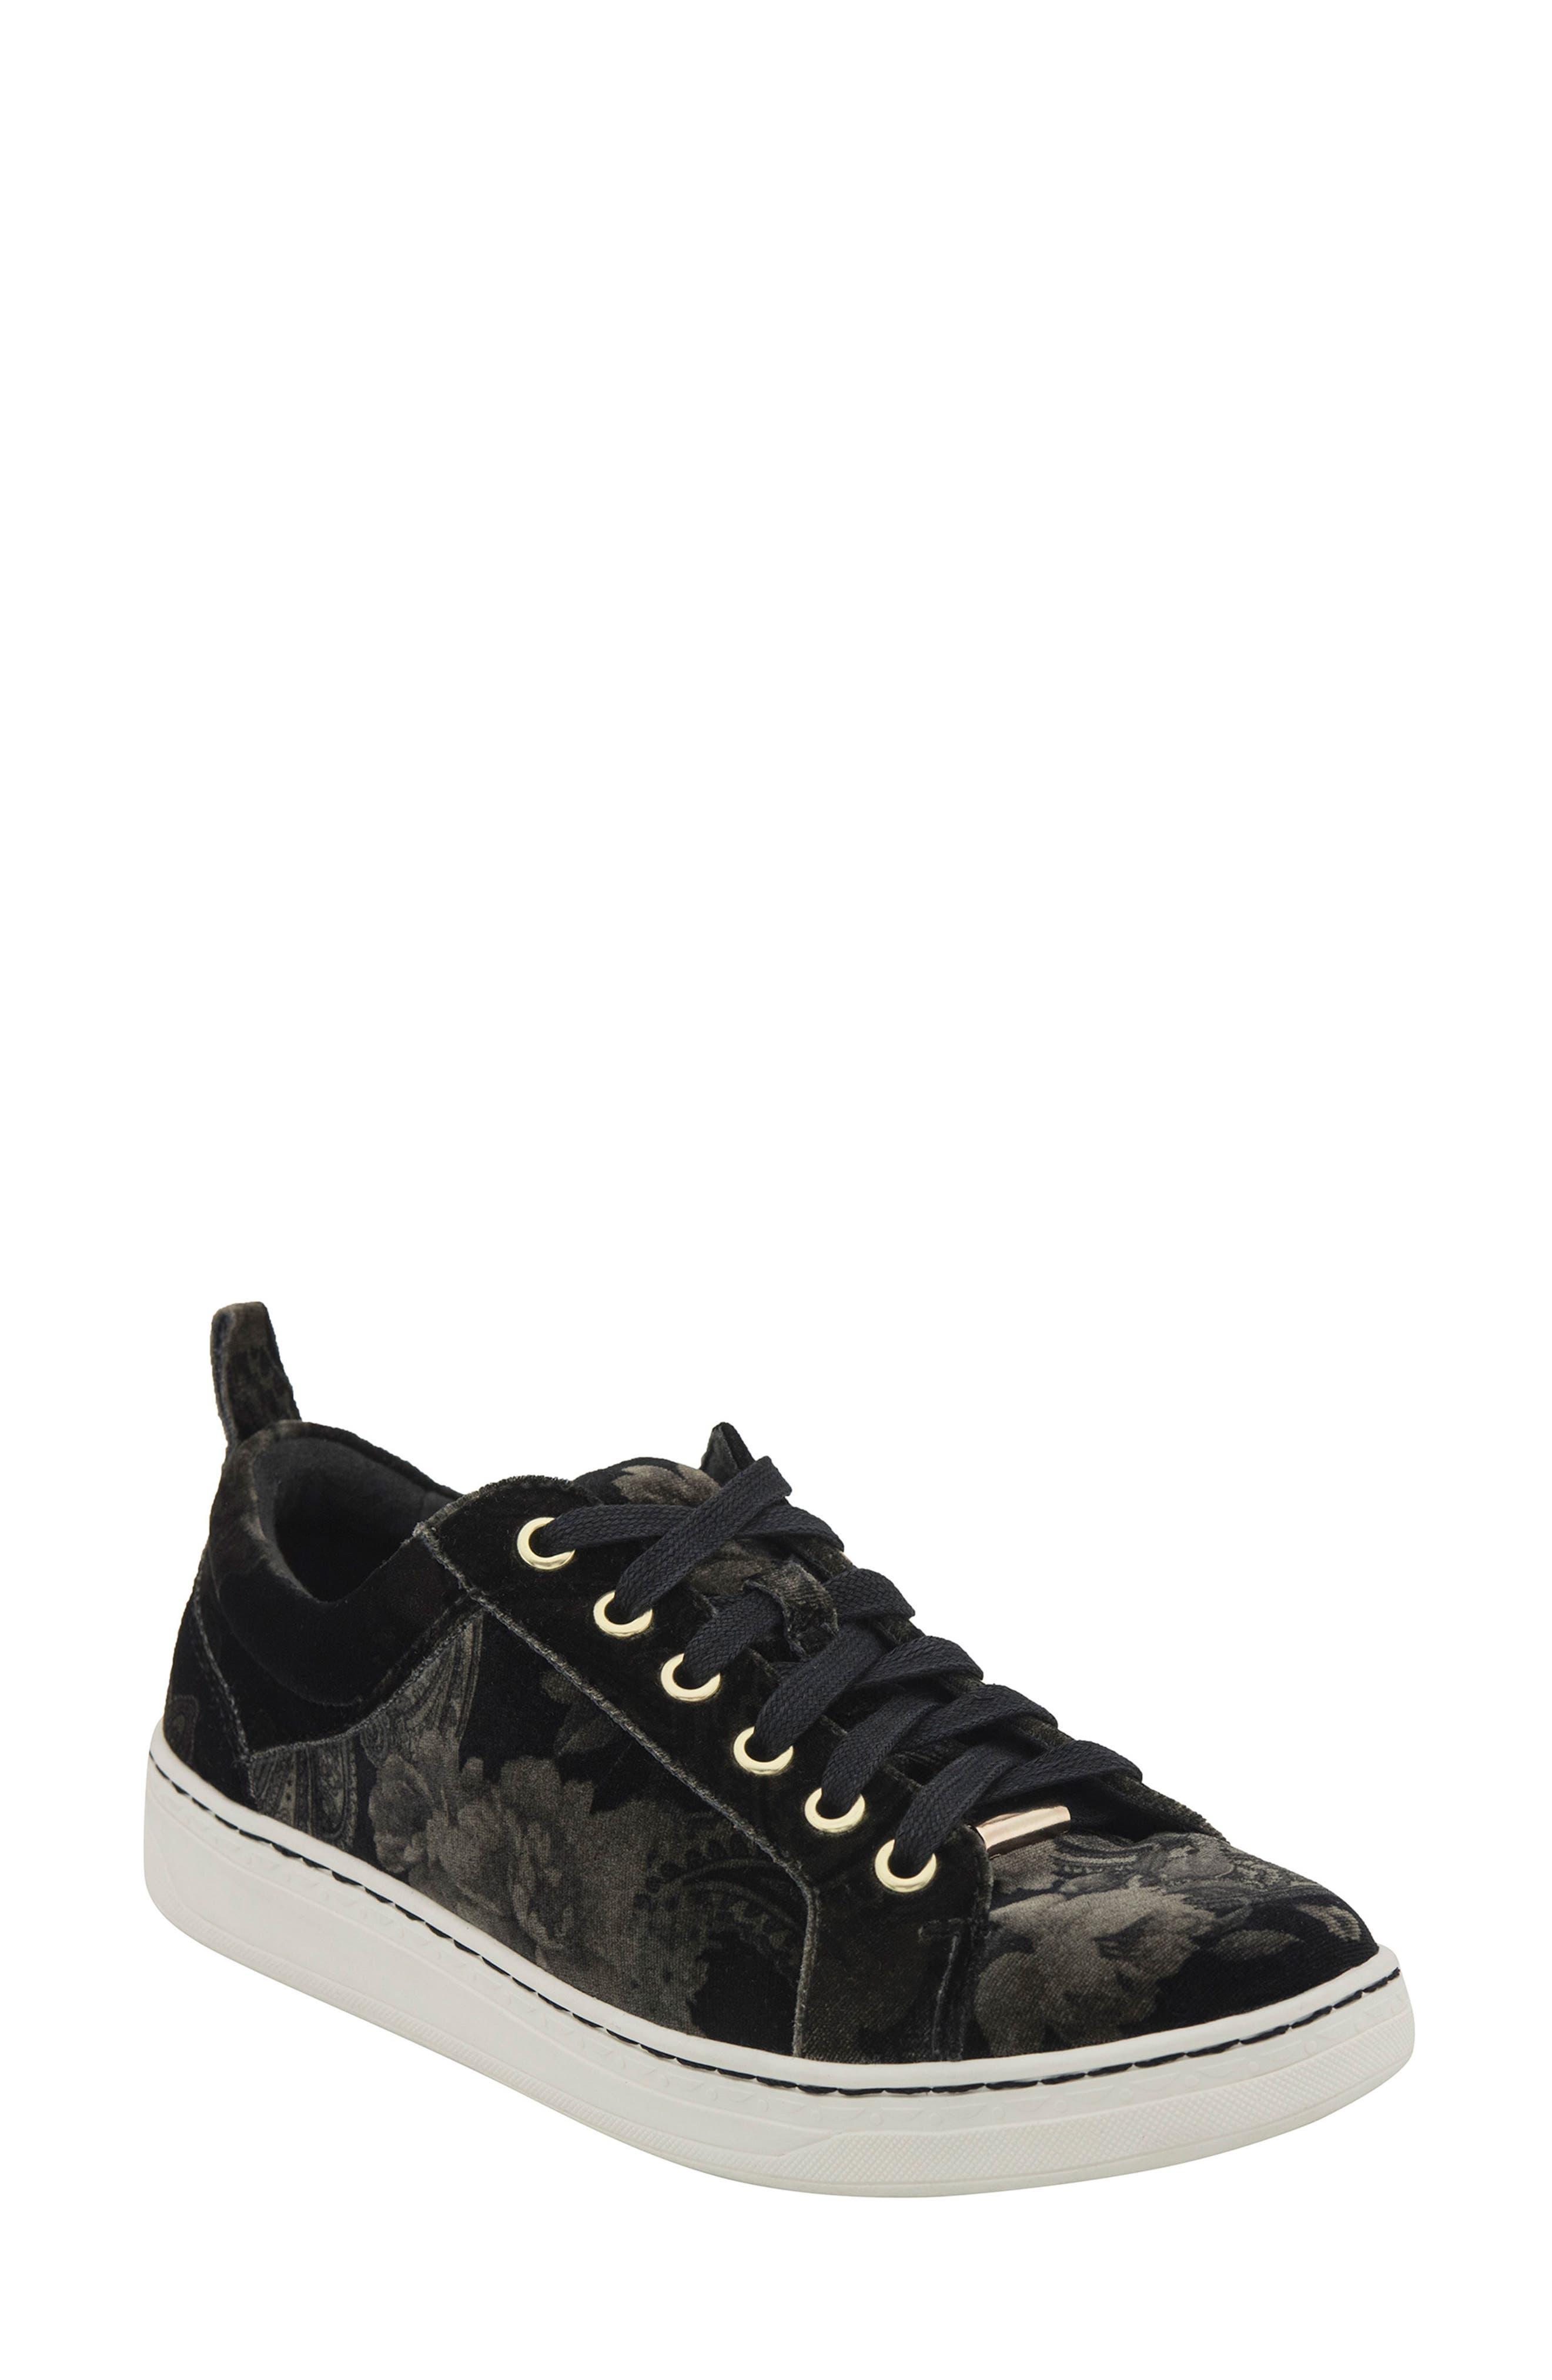 Zag Sneaker,                         Main,                         color,